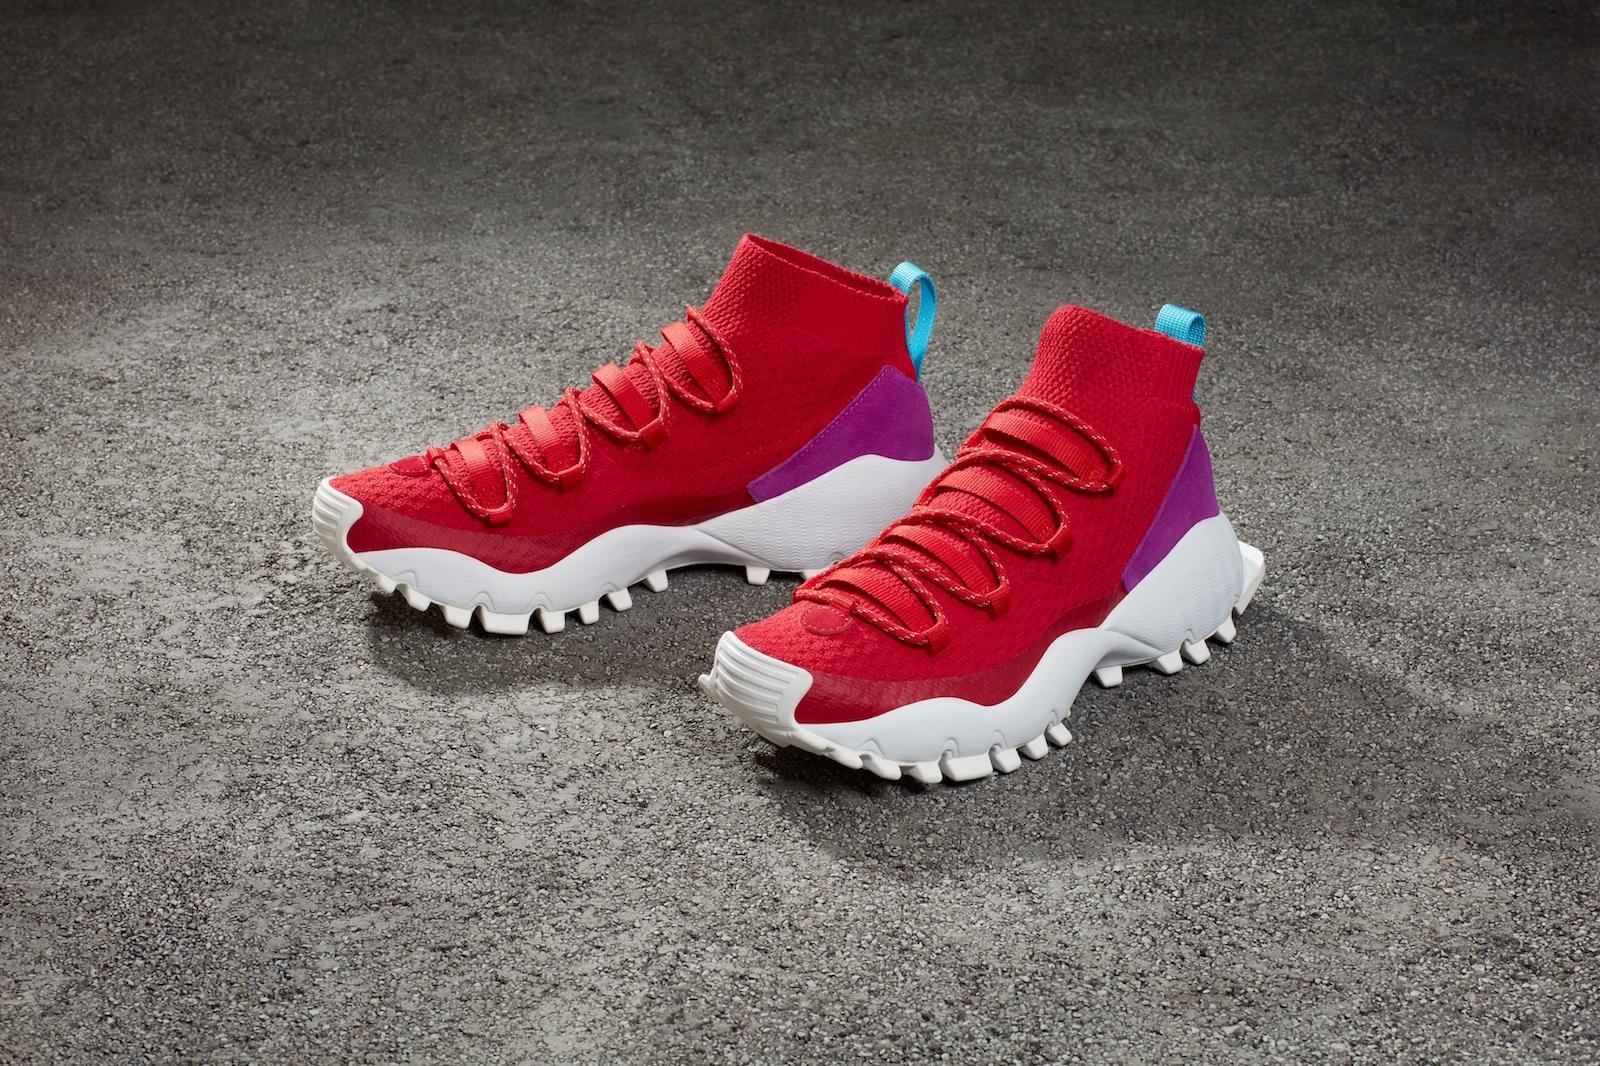 d05ebd1572dc Seeulater Primeknit Chaussures De Sport D hiver Originaux Adidas Uve8q9P